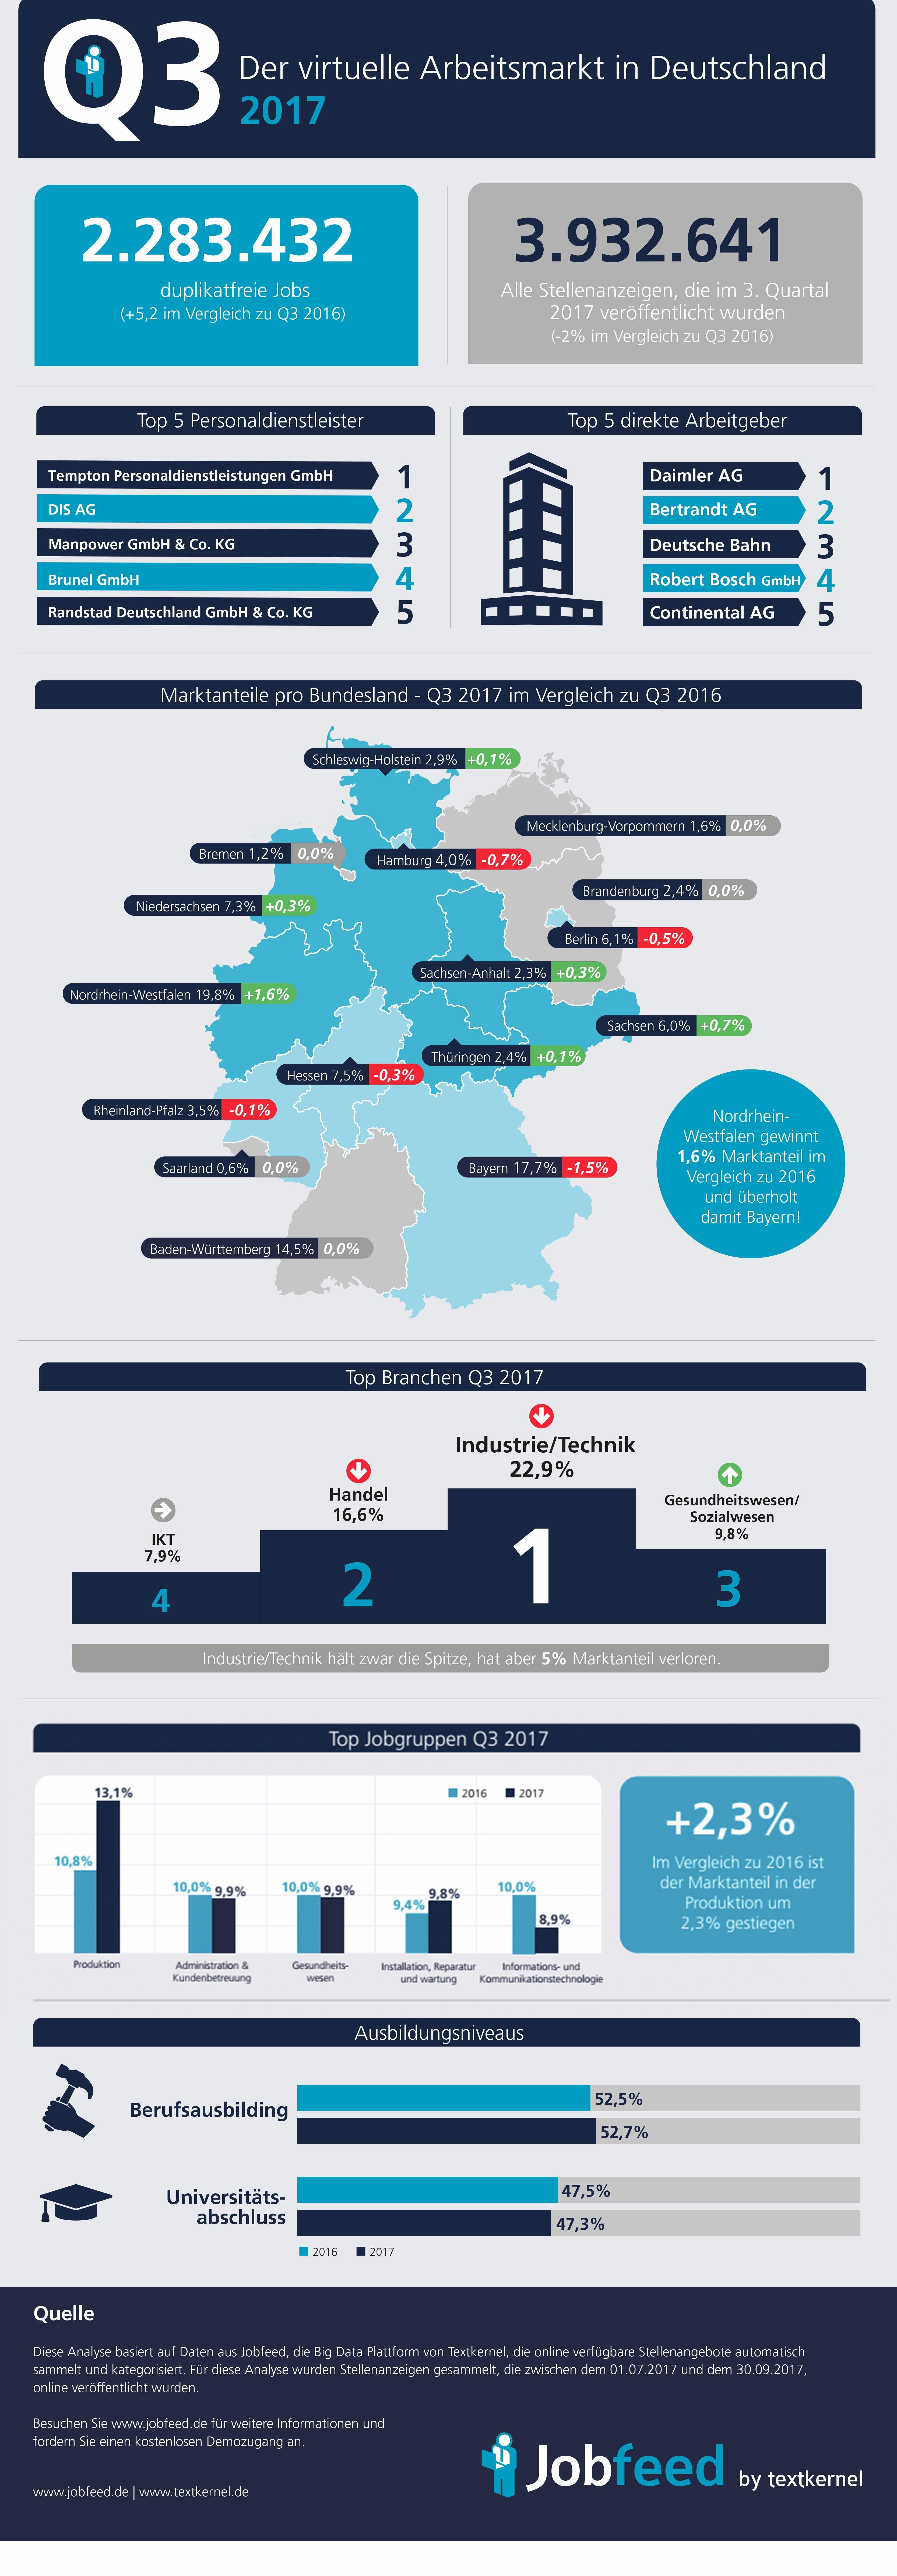 Infographic Arbeitsmarktanalyse Q3 2017